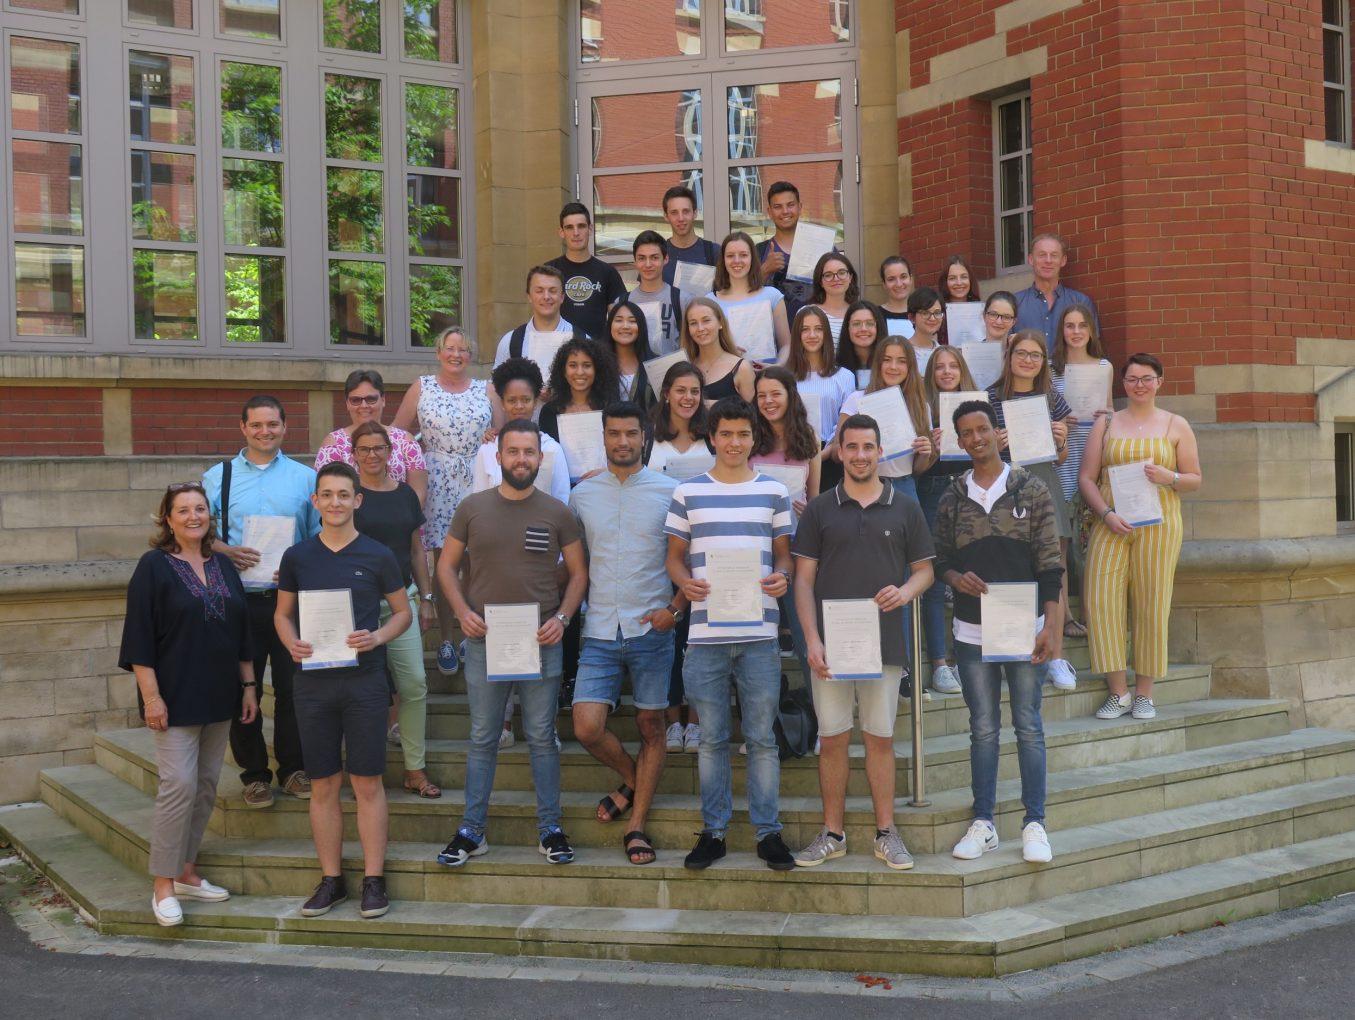 35 Éischt-Hëllef-Diplomer am Lycée de Garçons Lëtzebuerg